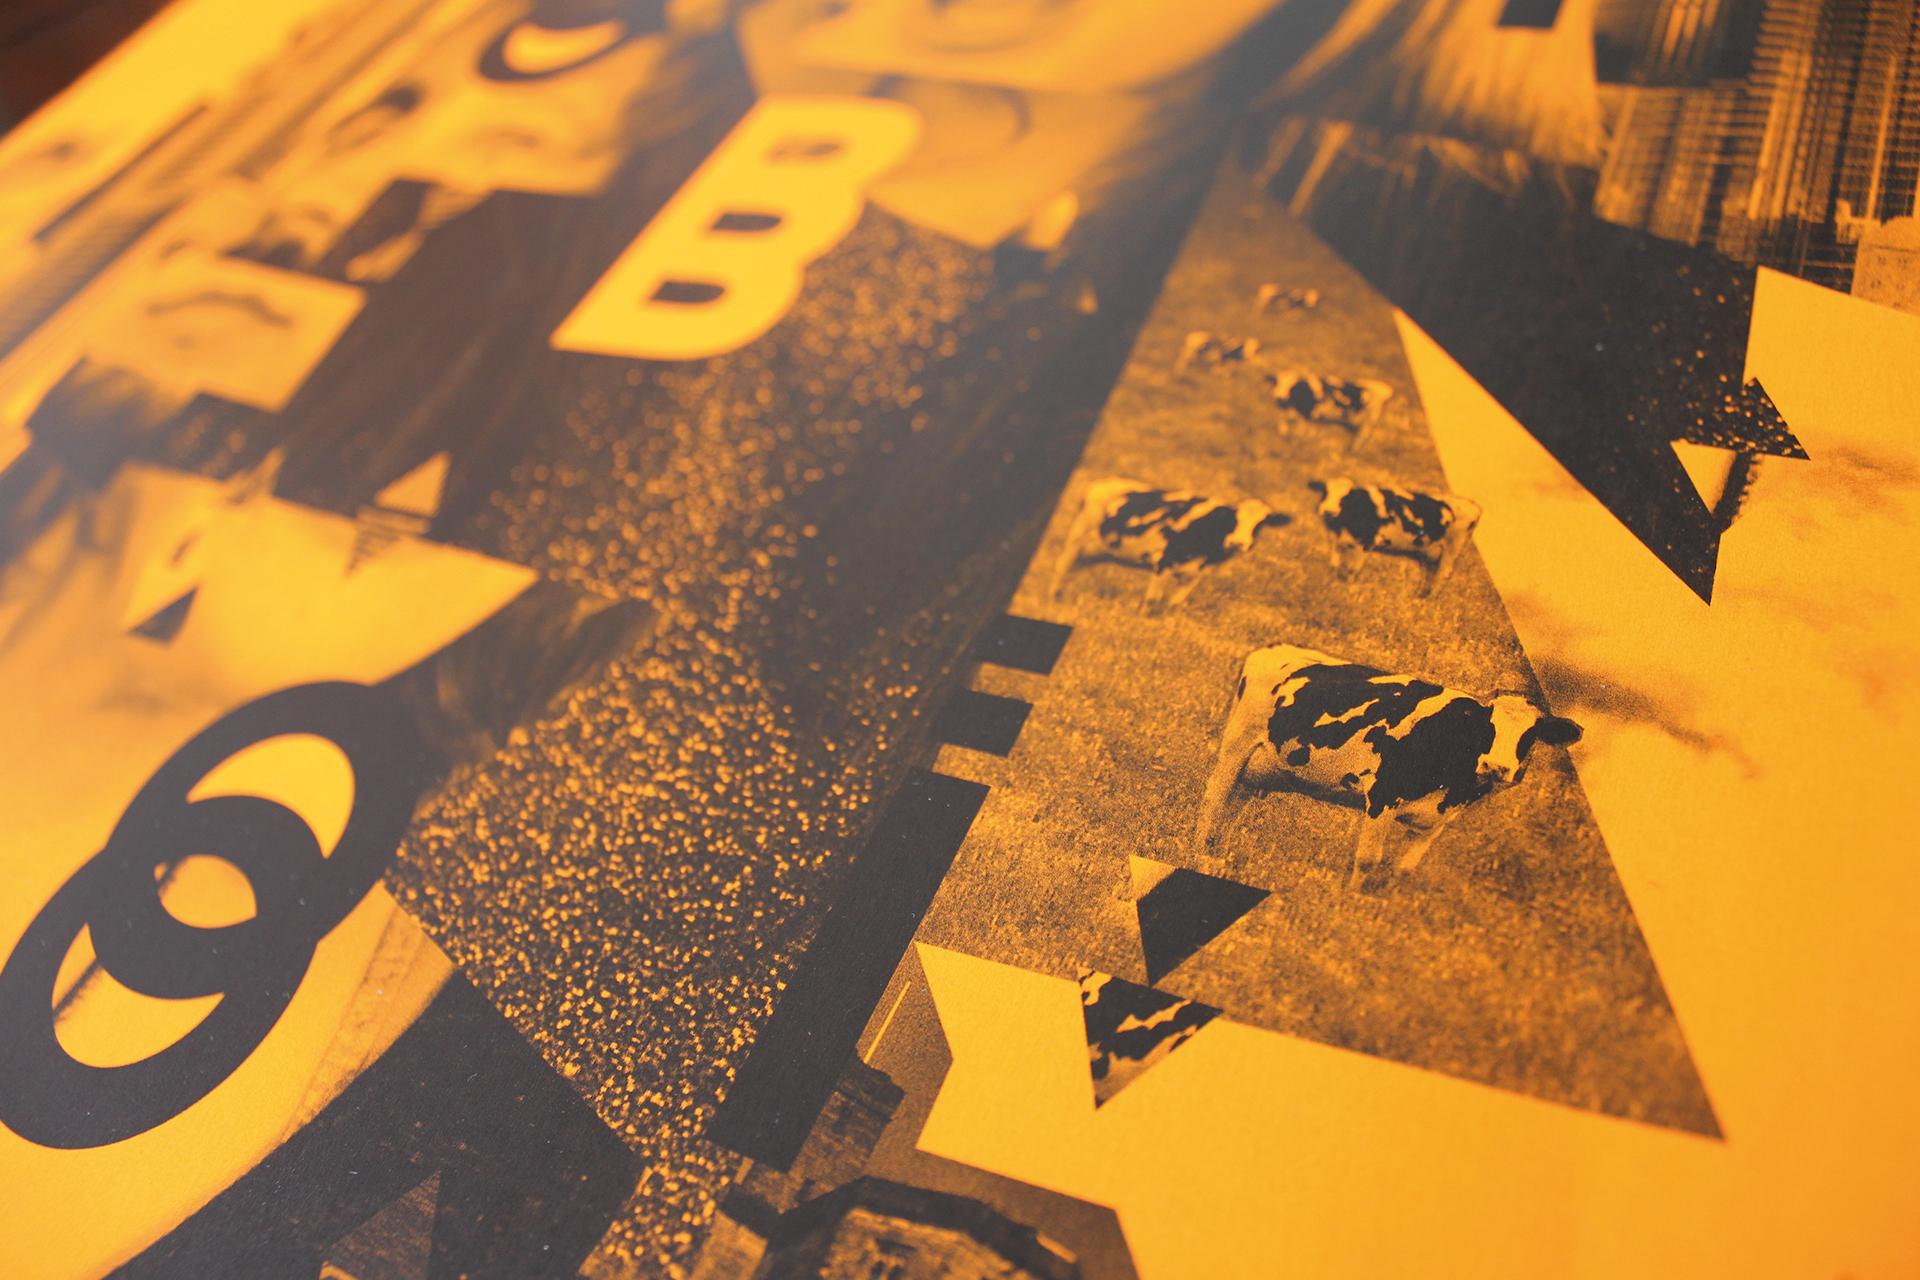 Design poster pour Toybloïd